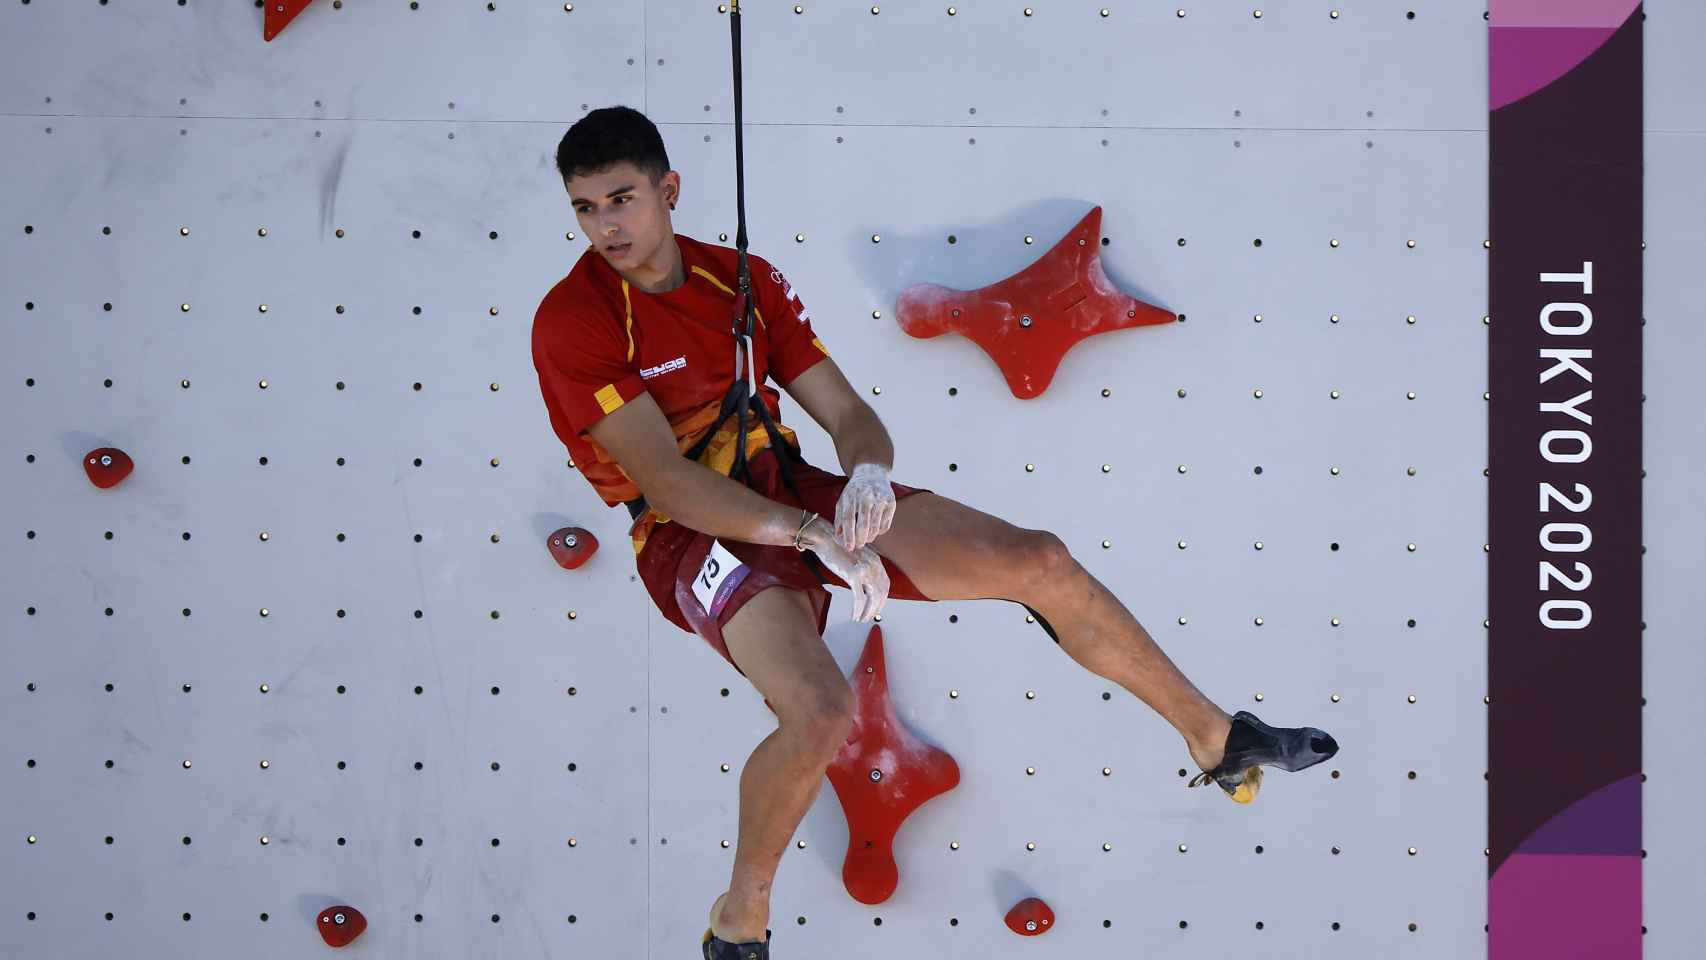 Alberto Ginés en los Juegos Olímpicos de Tokio 2020